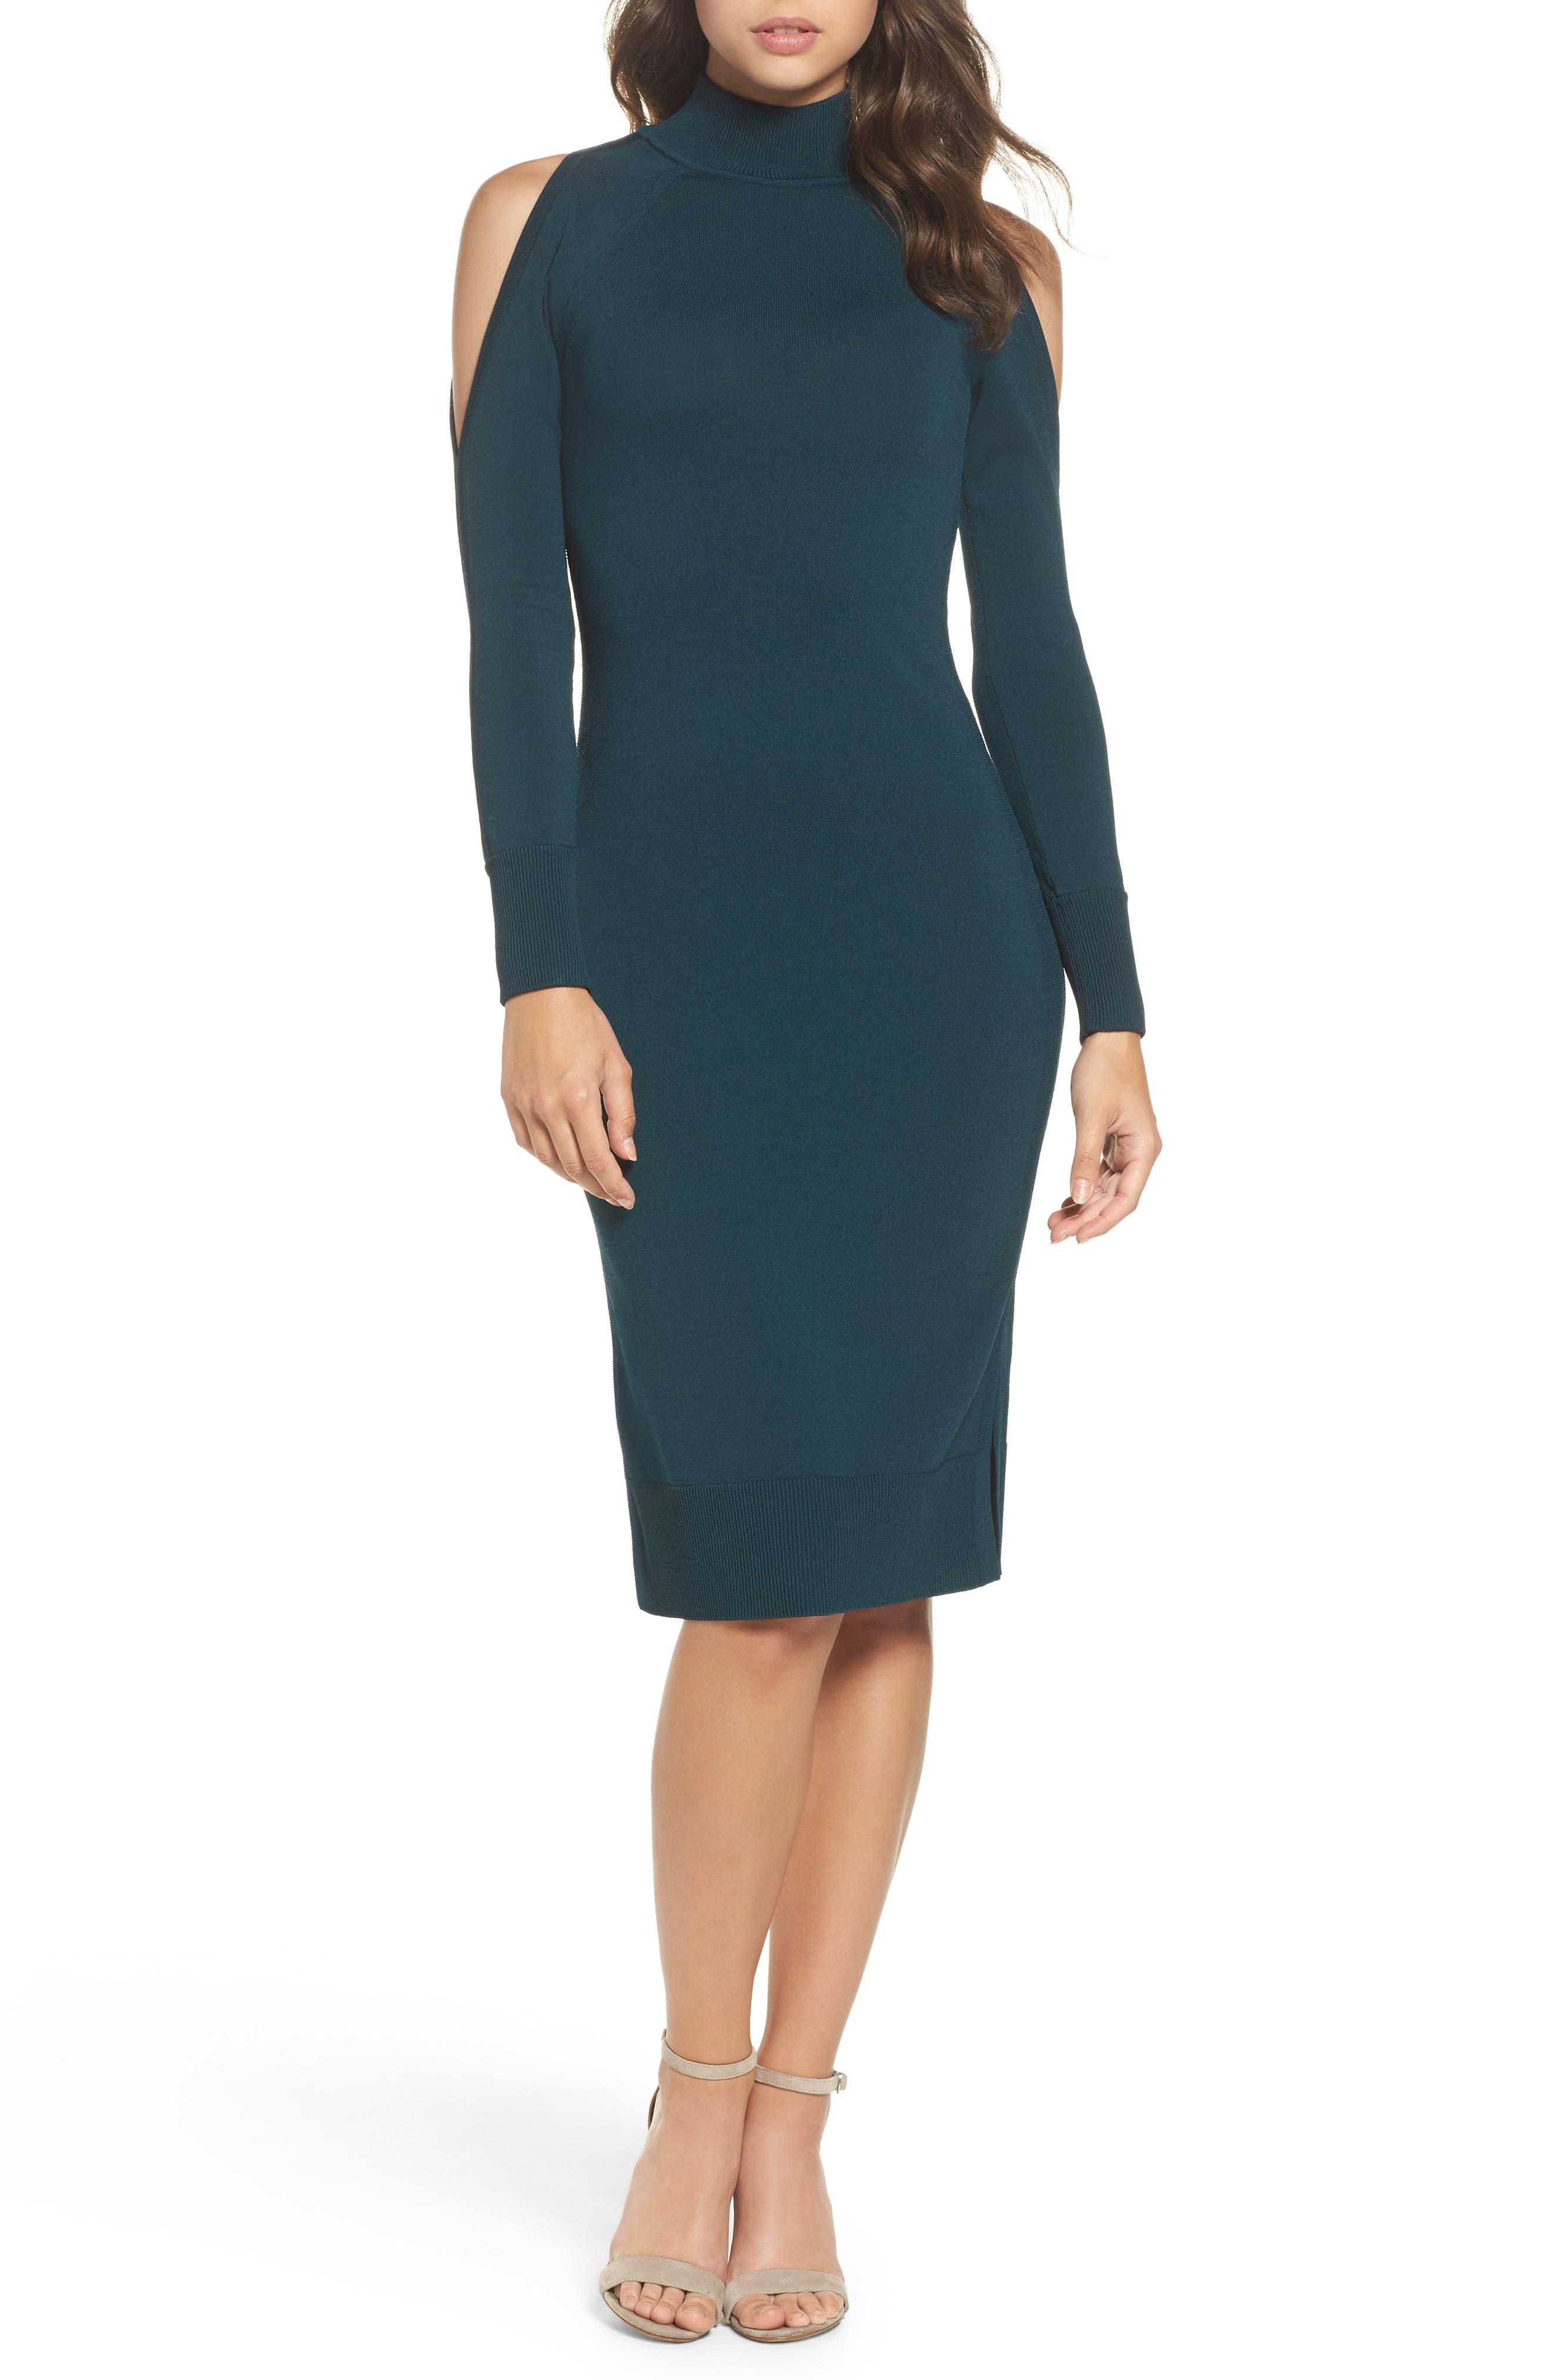 Vince Camuto Cold Shoulder Turtleneck Dress